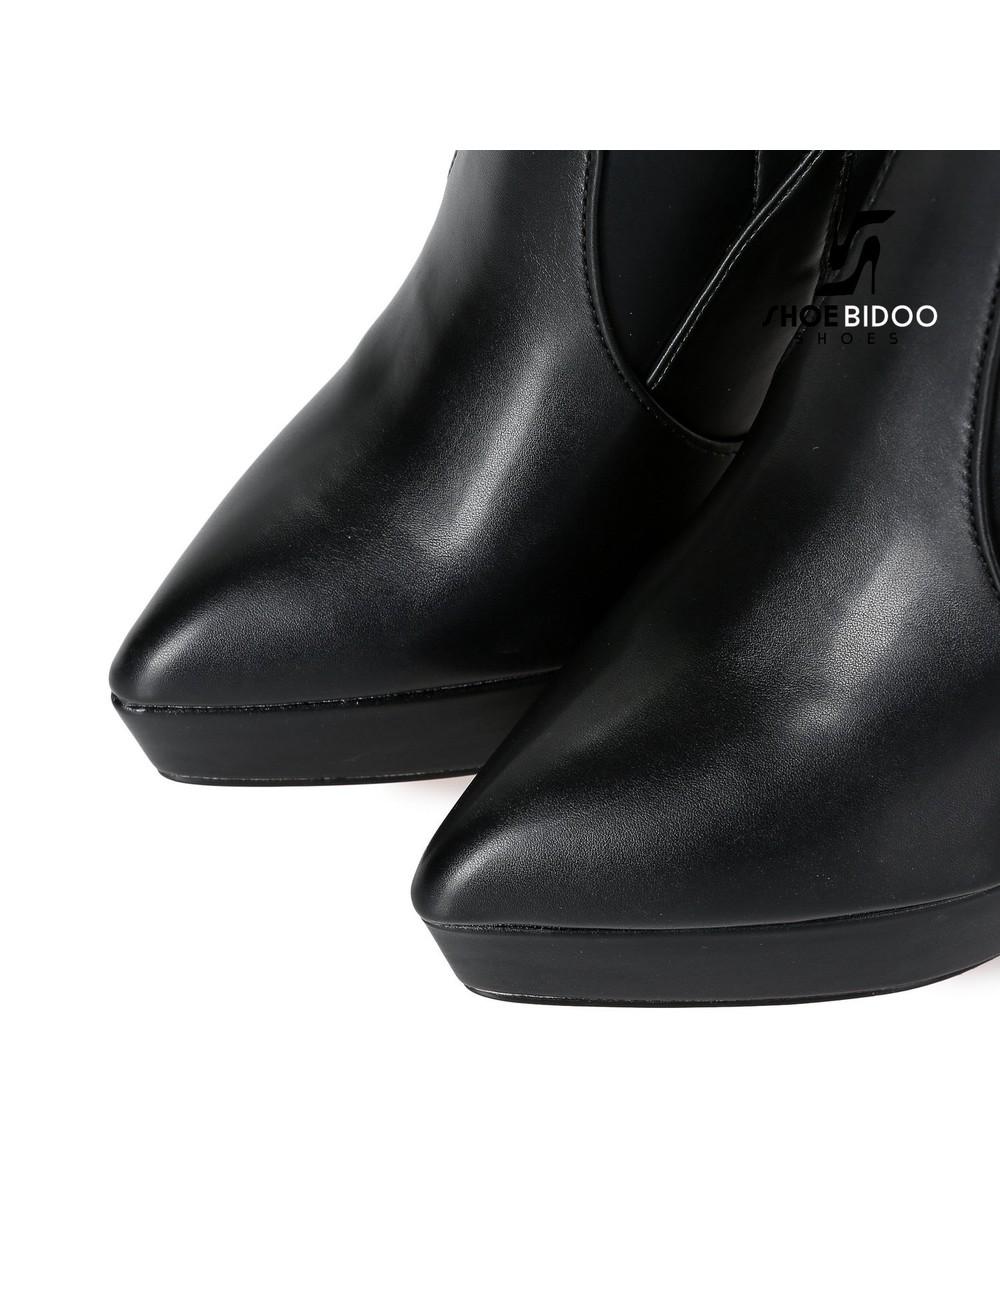 Giaro Giaro Platform dijlaarzen SPIRE in zwart